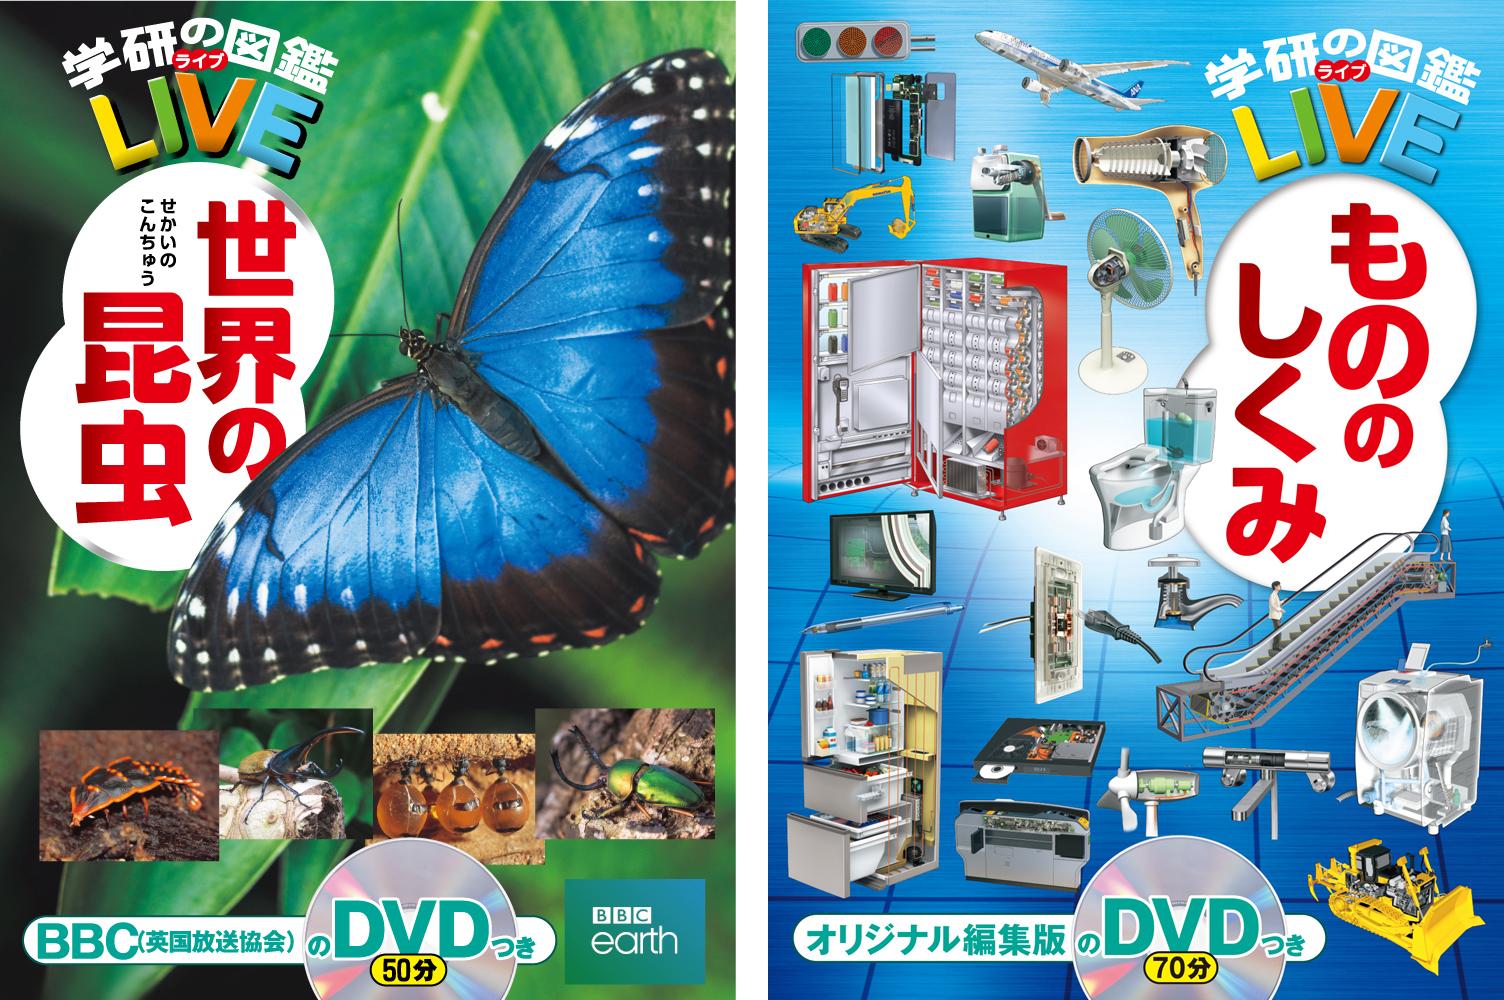 学研の図鑑LIVE『世界の昆虫』『もののしくみ』